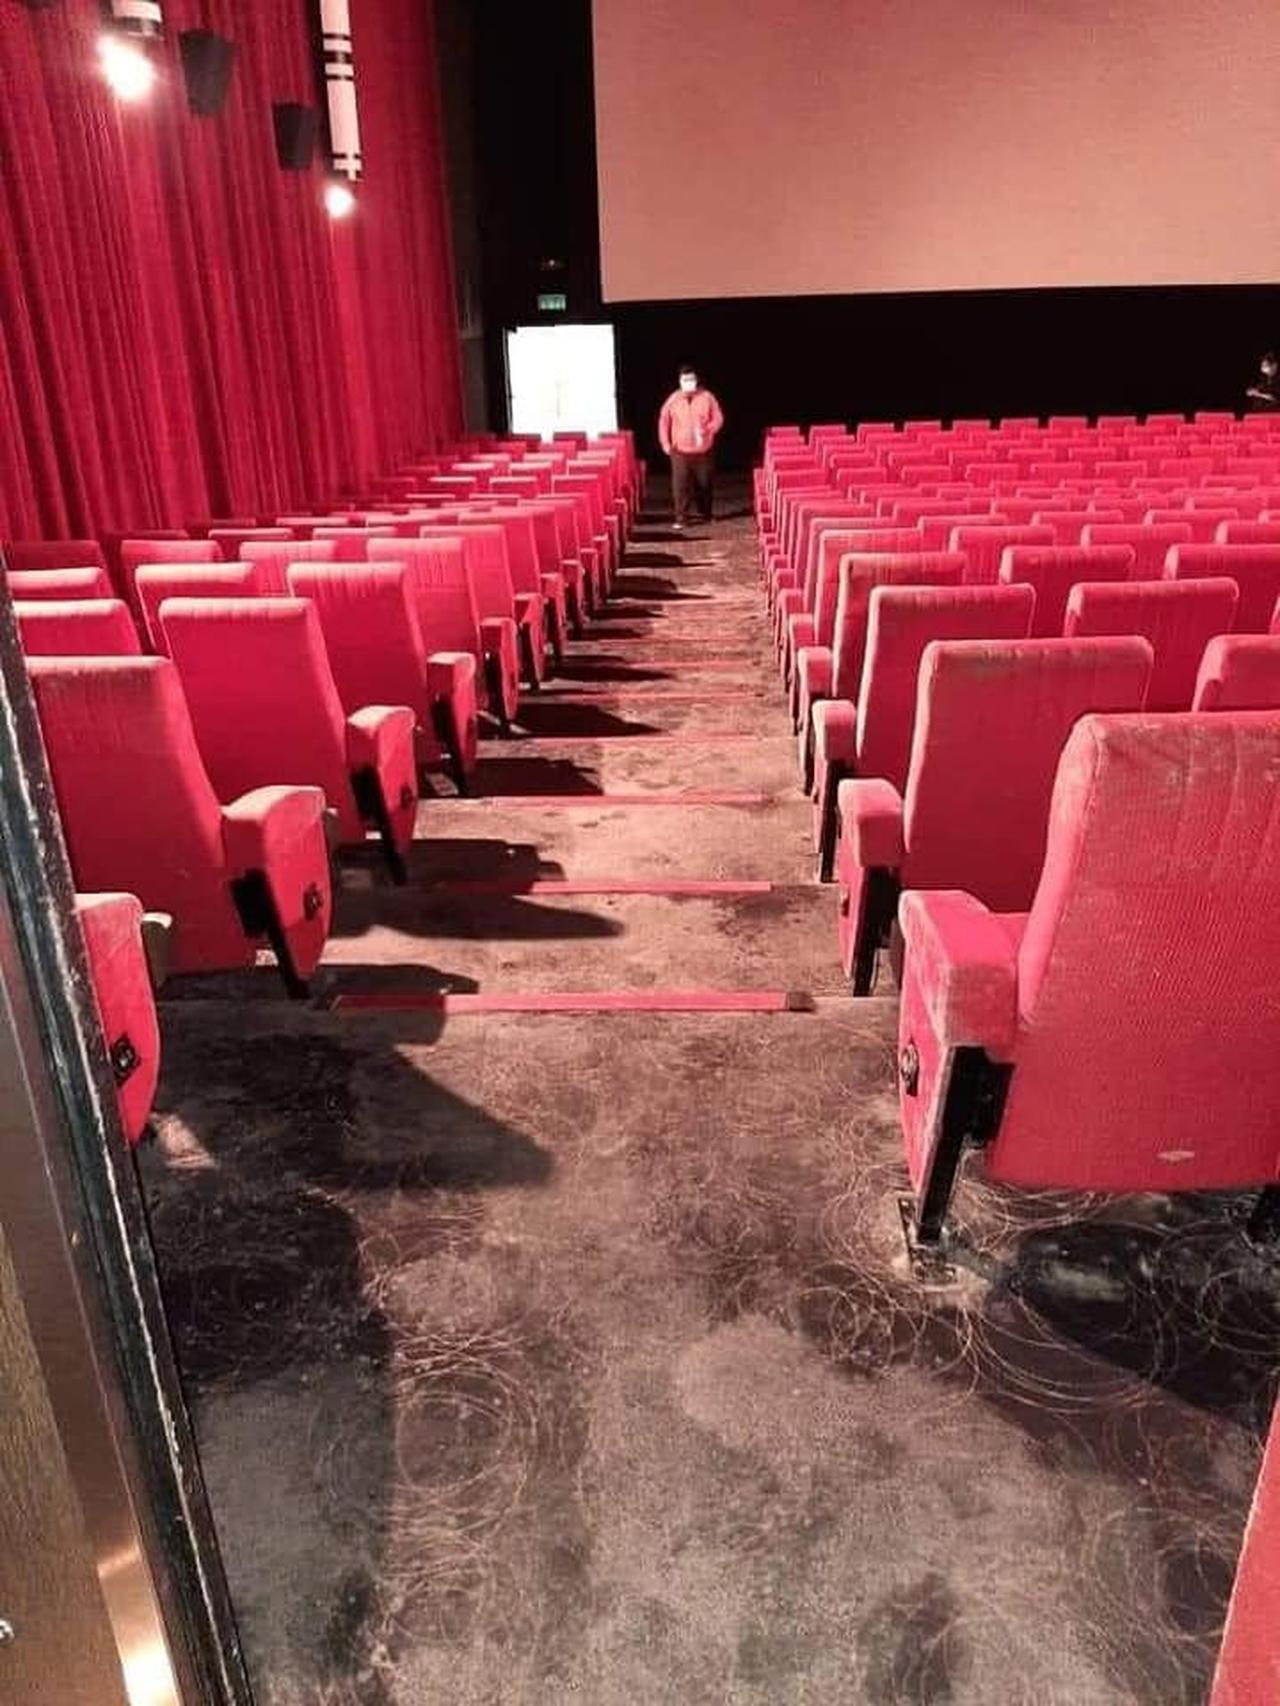 Akibat Lockdown, Kursi Bioskop, Tas dan Sepatu Berjamur